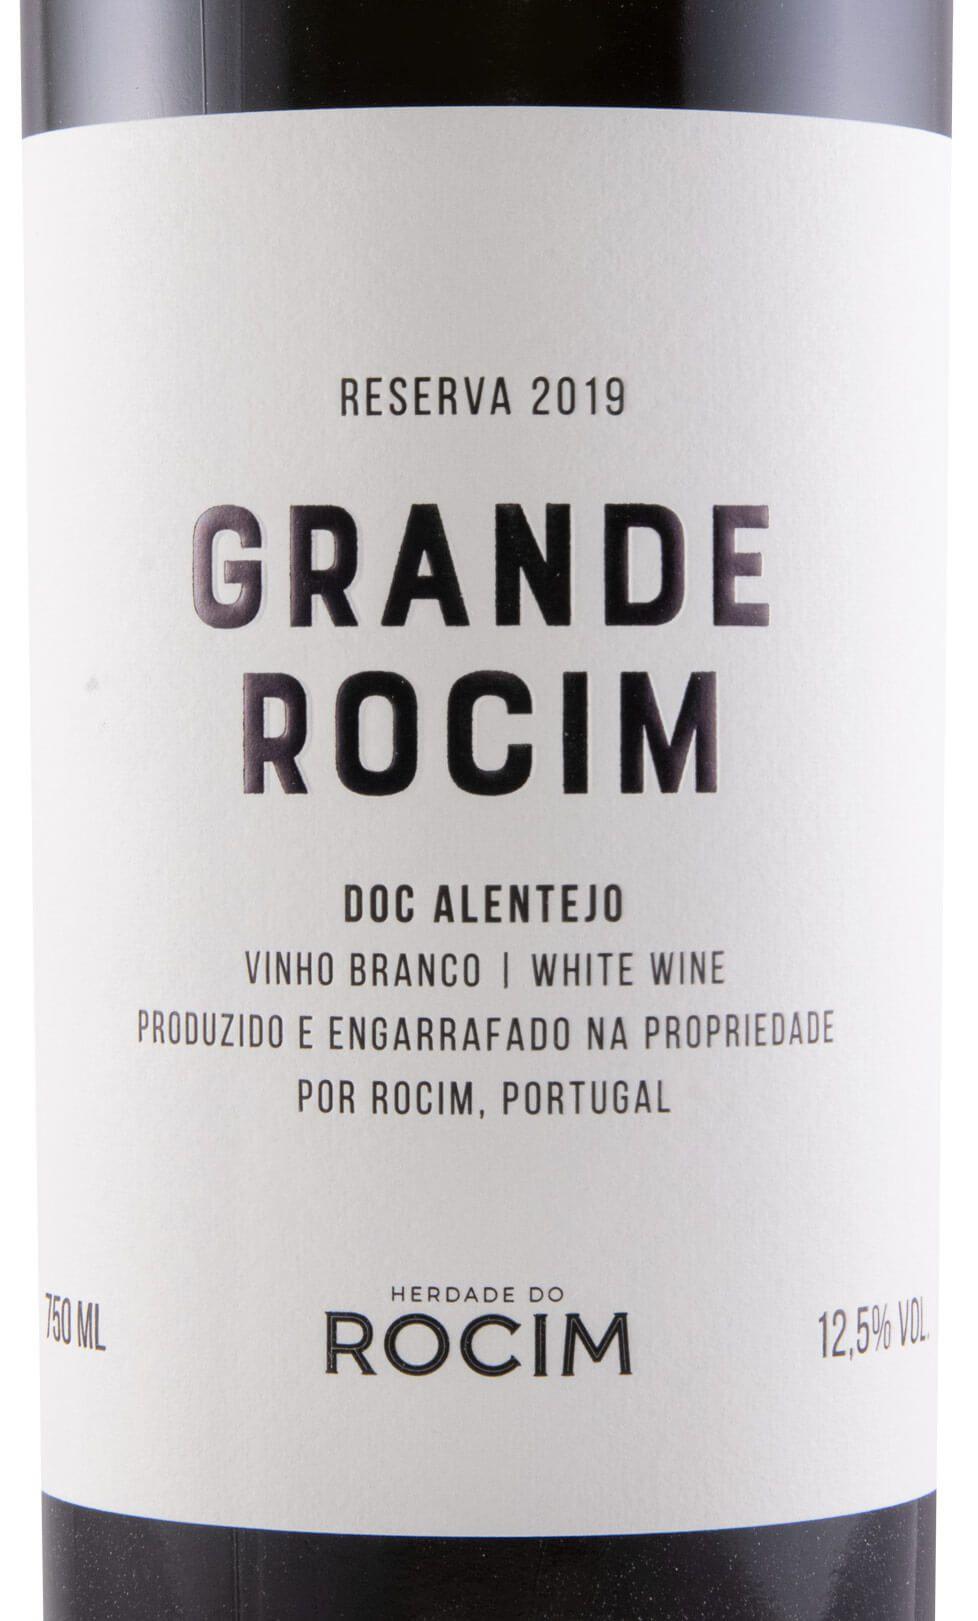 2019 Herdade do Rocim Grande Rocim Reserva branco